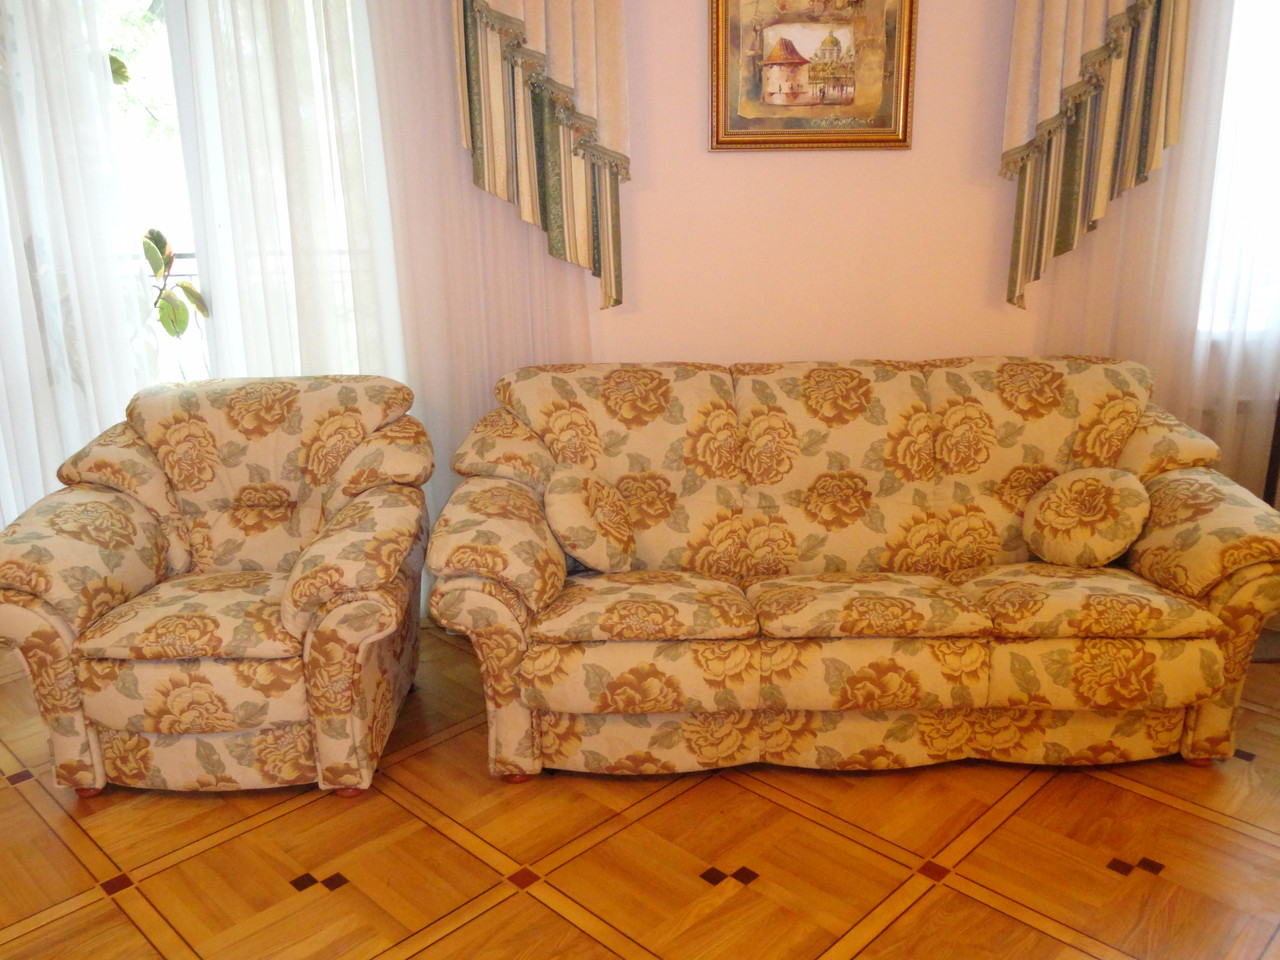 Перетяжка диванов и кресел Днепр. Перетяжка мебельных гарнитур. Мягкая мебель на заказ.